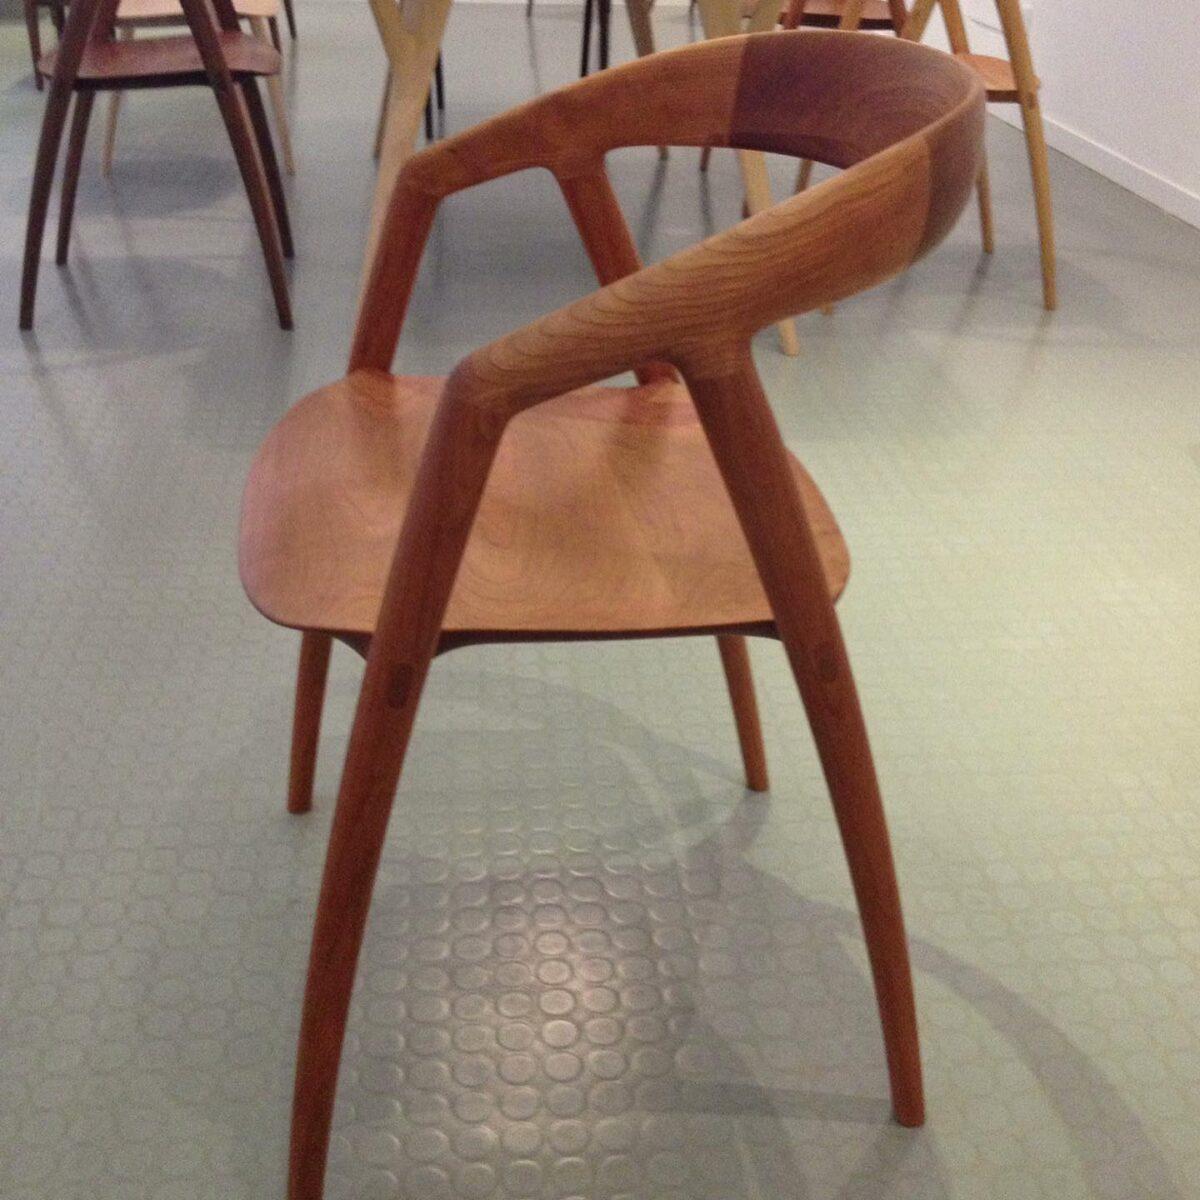 家具デザイナー 猪田京子の作品の椅子 彼女とはミラノ時代からの友人だ。  彼女がまだミラノのデザイン学校を卒業したての頃、初のミラノサローネに参加時に一緒に彼女の作品をミラノサローネでプレゼンした事もある  その後、デンマーク人のニルスと結婚し INODA+SVAJEと言うメーカーを立ち上げ 今や、ミラノに2人でショールームも構えて 美しく機能的な家具を世界に発信している  写真の椅子は2人の代表作DC9 私も娘が大きくなった時の為に二脚購入した。  素晴らしいフォルムしかも全く疲れを知らない座り心地、  この前橋市でも2人の家具は 北欧ヴィンテージ家具専門店 ノルディックサーカスで購入可能だ。